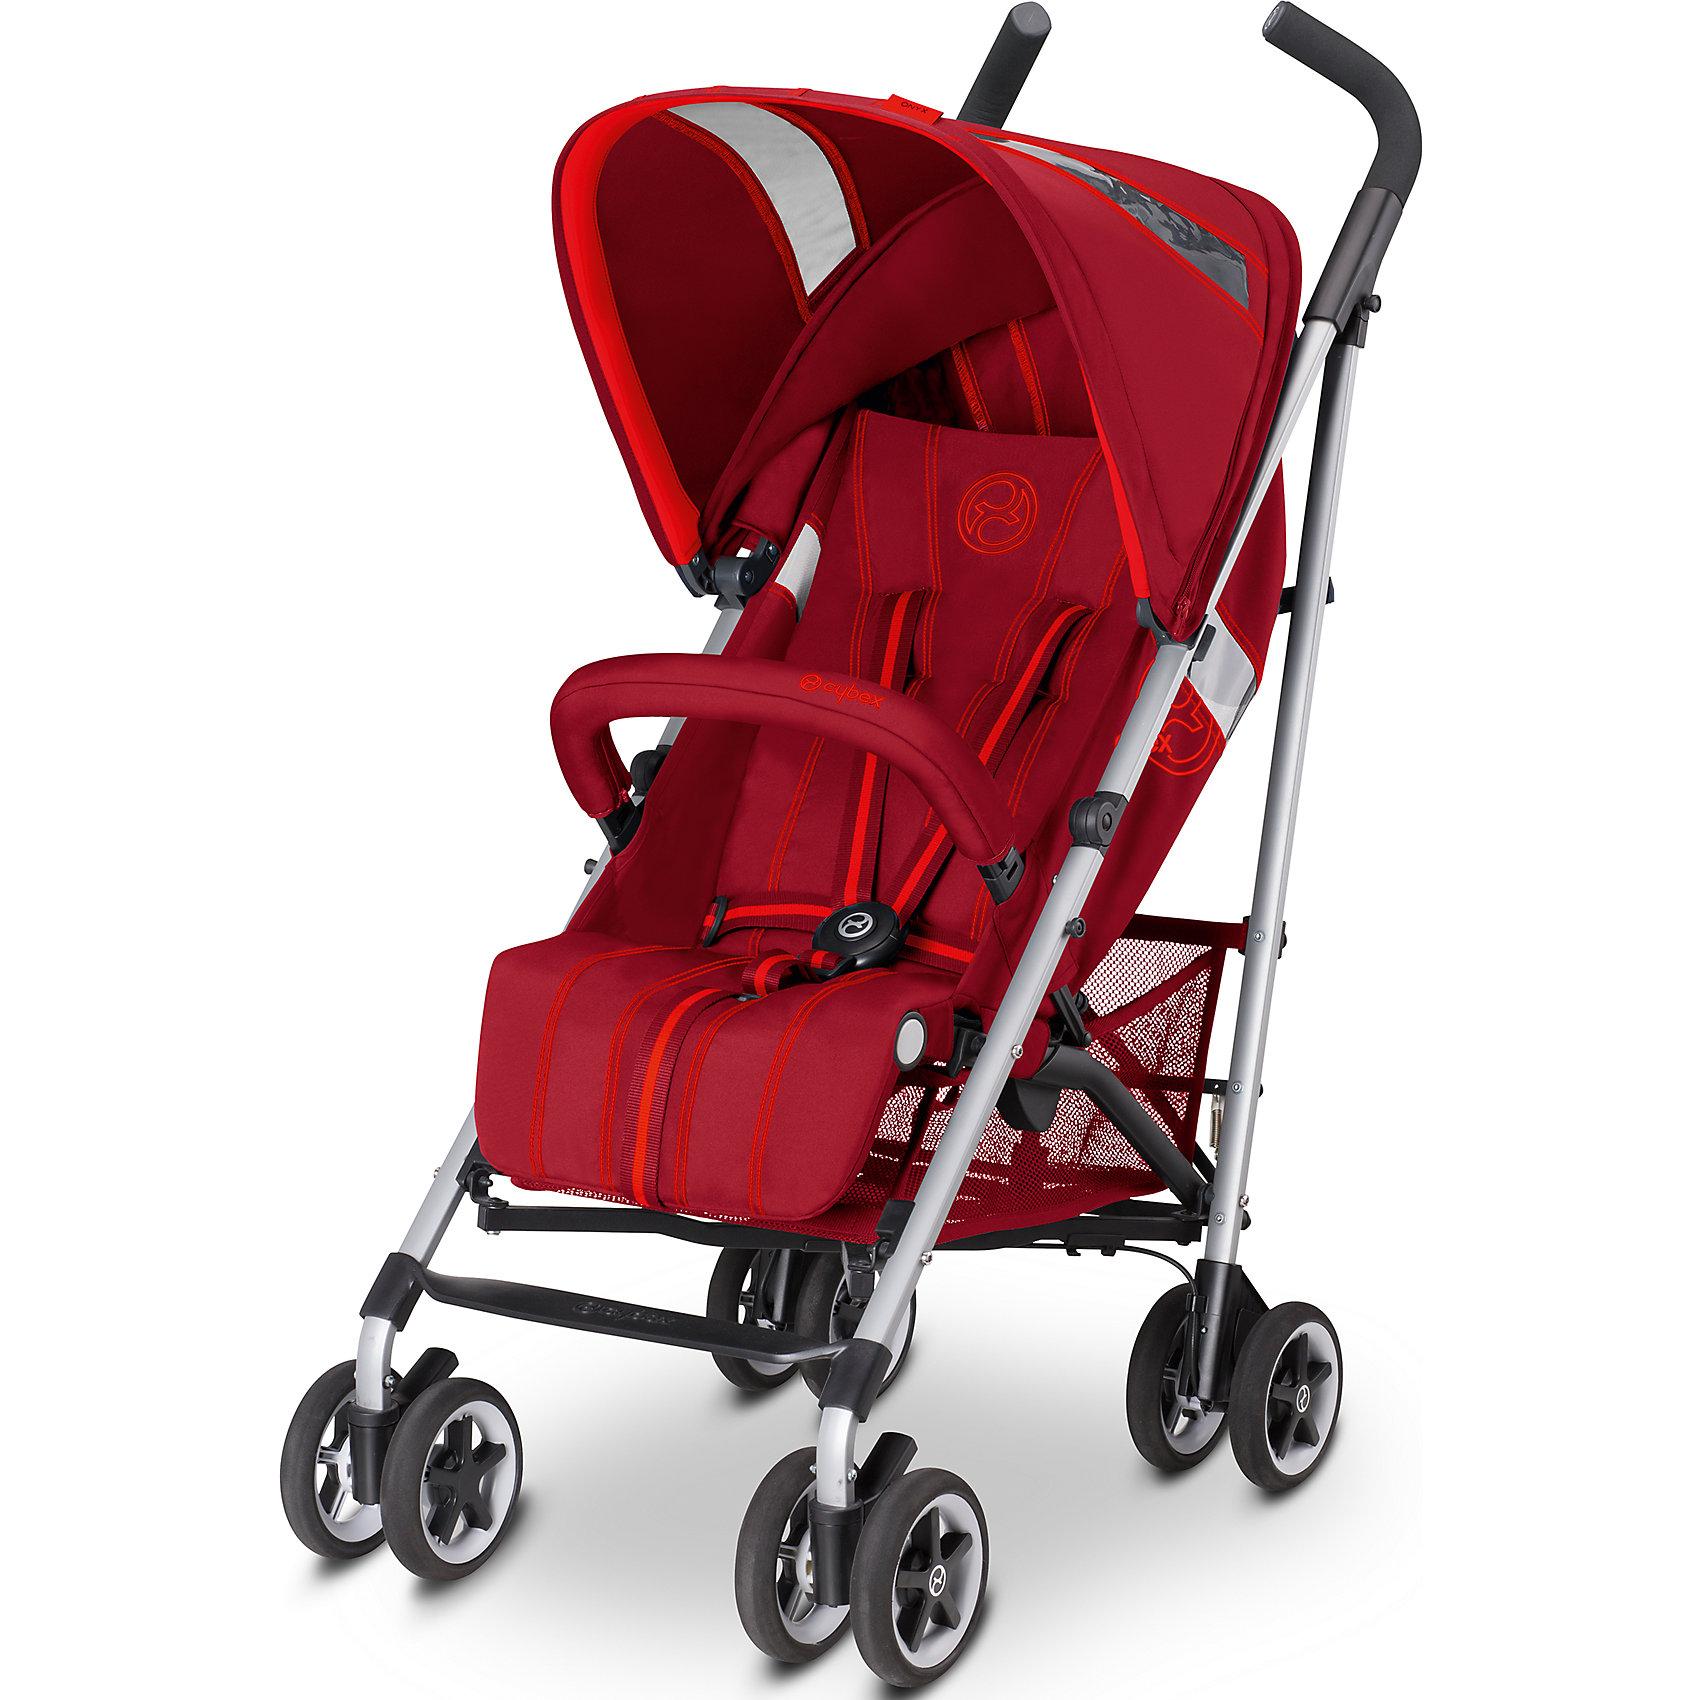 Коляска-трость Onyx Mars, Cybex, красный 2016Cybex Onyx - это легкая и маневренная коляска-трость, которая просто идеально подходит для прогулок по городу, удобна в магазине или в общественном транспорте, а также во время путешествий и поездок на автомобиле. Коляска легко складывается и раскладывается. Подходит для детей с 6 месяцев и примерно до 3 лет. <br><br>Особенности:<br>- 4 положения спинки. Спинка откидывается почти горизонтально, что очень удобно для малыша во время сна на прогулке (170?)<br>- 5-ти точечные ремни безопасности с запатентованной системой натяжения ремней одним нажатием обеспечат вашему малышу надежную защиту;<br>- Обивка выполнена из дышащих материалов, летом коляска хорошо вентилируется, что сделает прогулку малыша еще комфортнее;<br>- Есть съемный бампер (перекладина безопасности перед ребенком);<br>- Внушительный капюшон будет отличной защитой малышу от солнца;<br>- Прочный силиконовый дождевик, который идет в комплекте, надежно укроет вашего ребенка от дождя;<br>- Смотровое окошко на капюшоне дает возможность наблюдать за малышом;<br>- В капюшоне Сайбекс Оникс есть дополнительный карман для необходимых мелочей, которые должны быть под рукой;<br>- Регулируемая подножка значительно удлиняет спальное место;<br>- Удобные, эргономичной формы ручки с нескользящими накладками (ручки не регулируются);<br>- Прочная рама из 100% алюминия очень легкая, благодаря чему коляской легкой управлять и она удобна для транспортировки;<br>- 4 пары сдвоенных колес, которые изготовлены из плотной и прочной резины, а литые диски на колесах сделаны из бесшумного и морозоустойчивого пластика;<br>- Передние поворотные колеса (вращаются на 360 градусов), которые легко фиксируются, обеспечивают отличную управляемость и маневренность коляски;<br>- На задних колесах Cybex Onyx центральный тормоз, который надежно удержит коляску на месте. Также на задних колесах мягкая подвеска, которая будет сглаживать неровности на дороге;<br>для удобства переноса сложенной коляски им